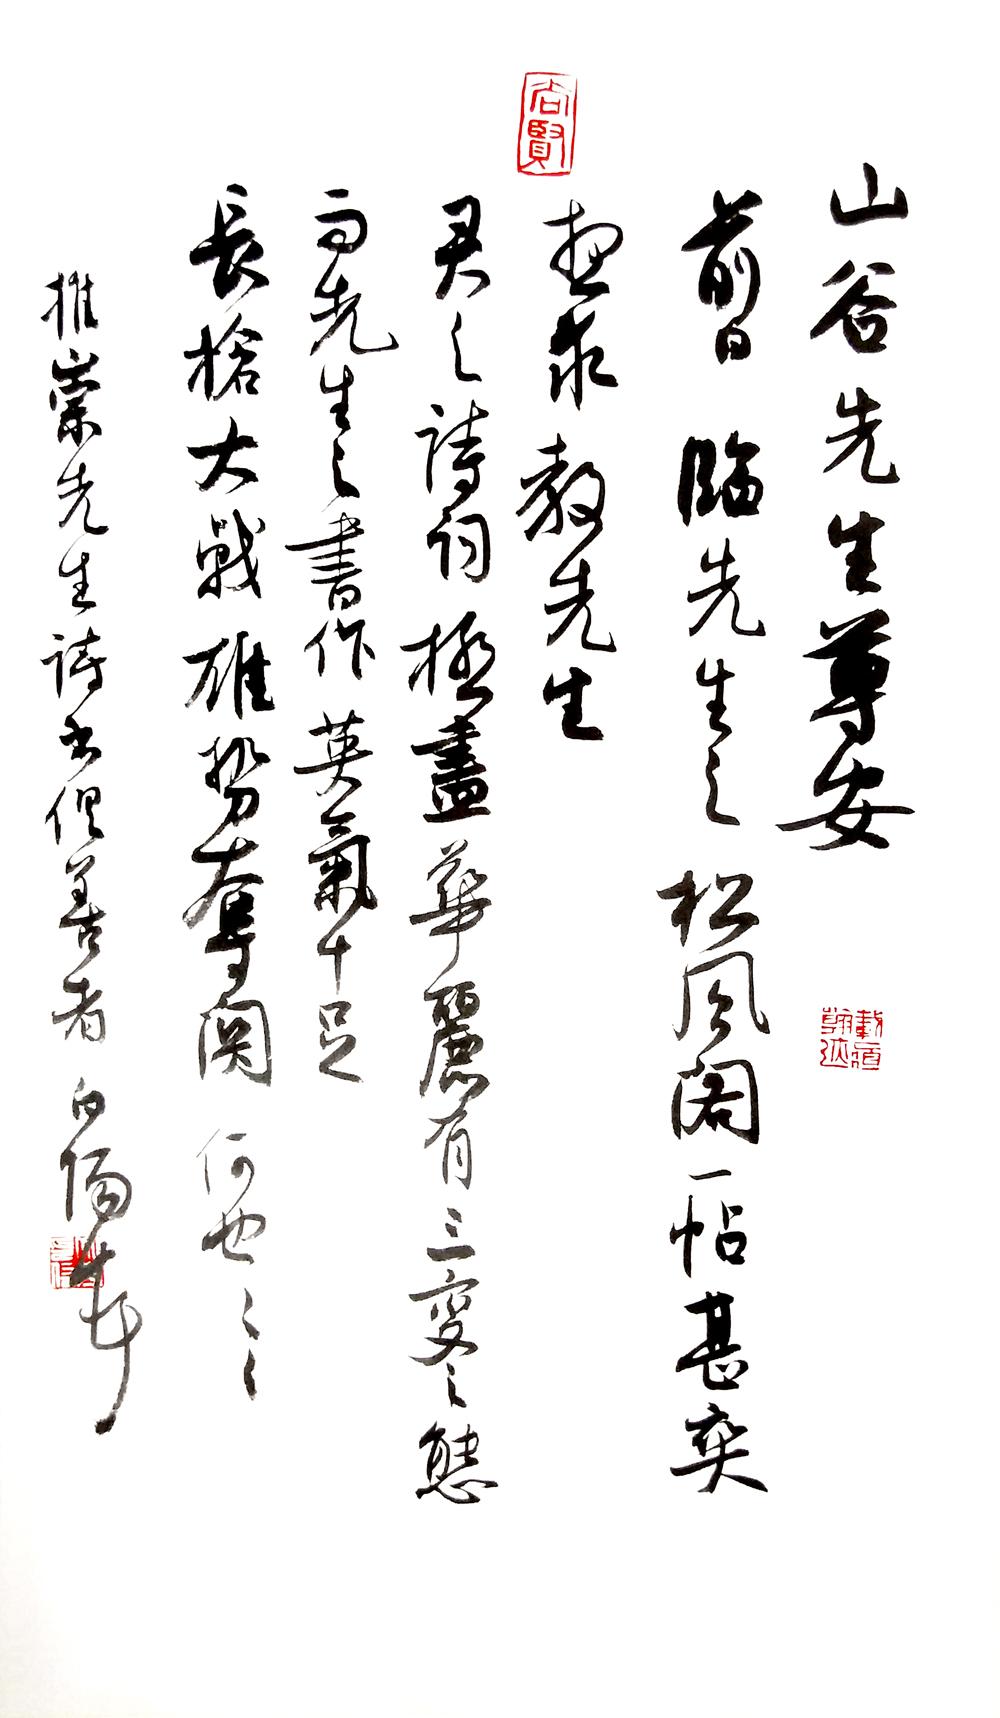 旭宇:寄给历史的书札(二十三) 黄庭坚